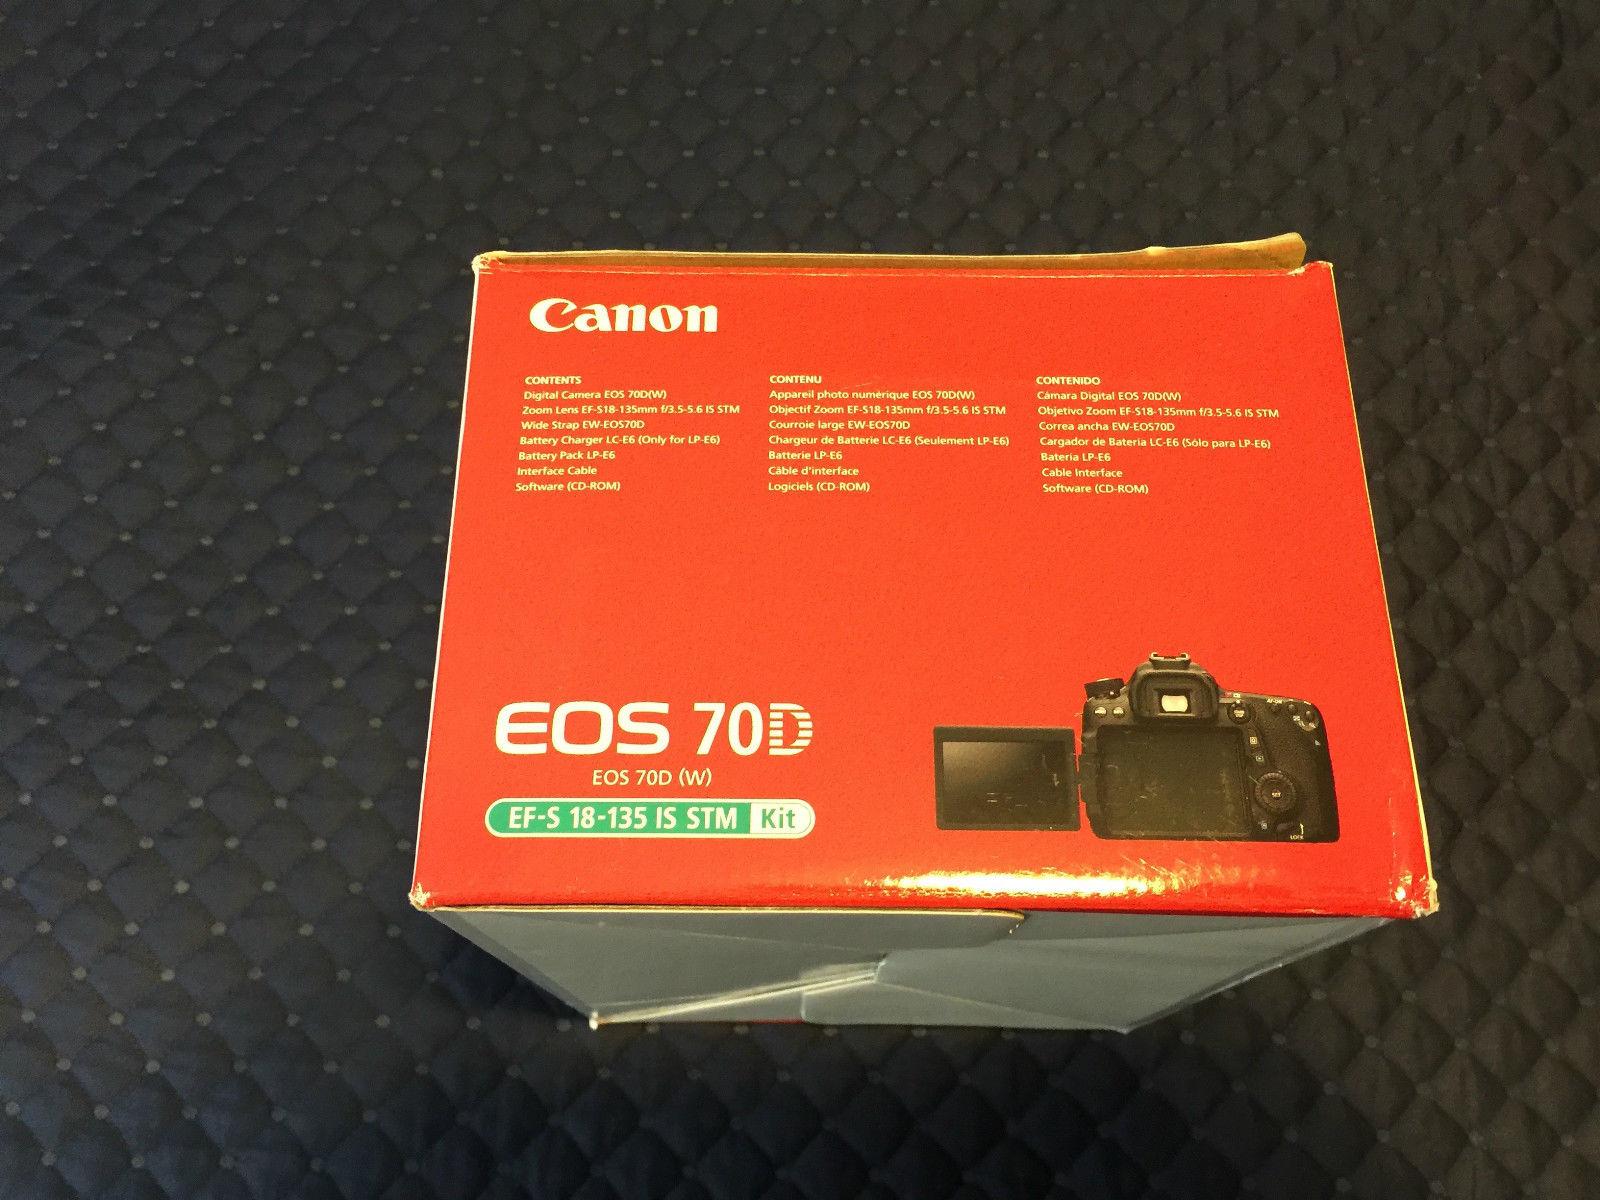 Canon Eos 60d Kit Ef S 18 200mm Is Mp Hitam 1200d Lensa 55mm Kamera Untuk Luar Kota Pengiriman Bisa Melalui Via Jne Tiki